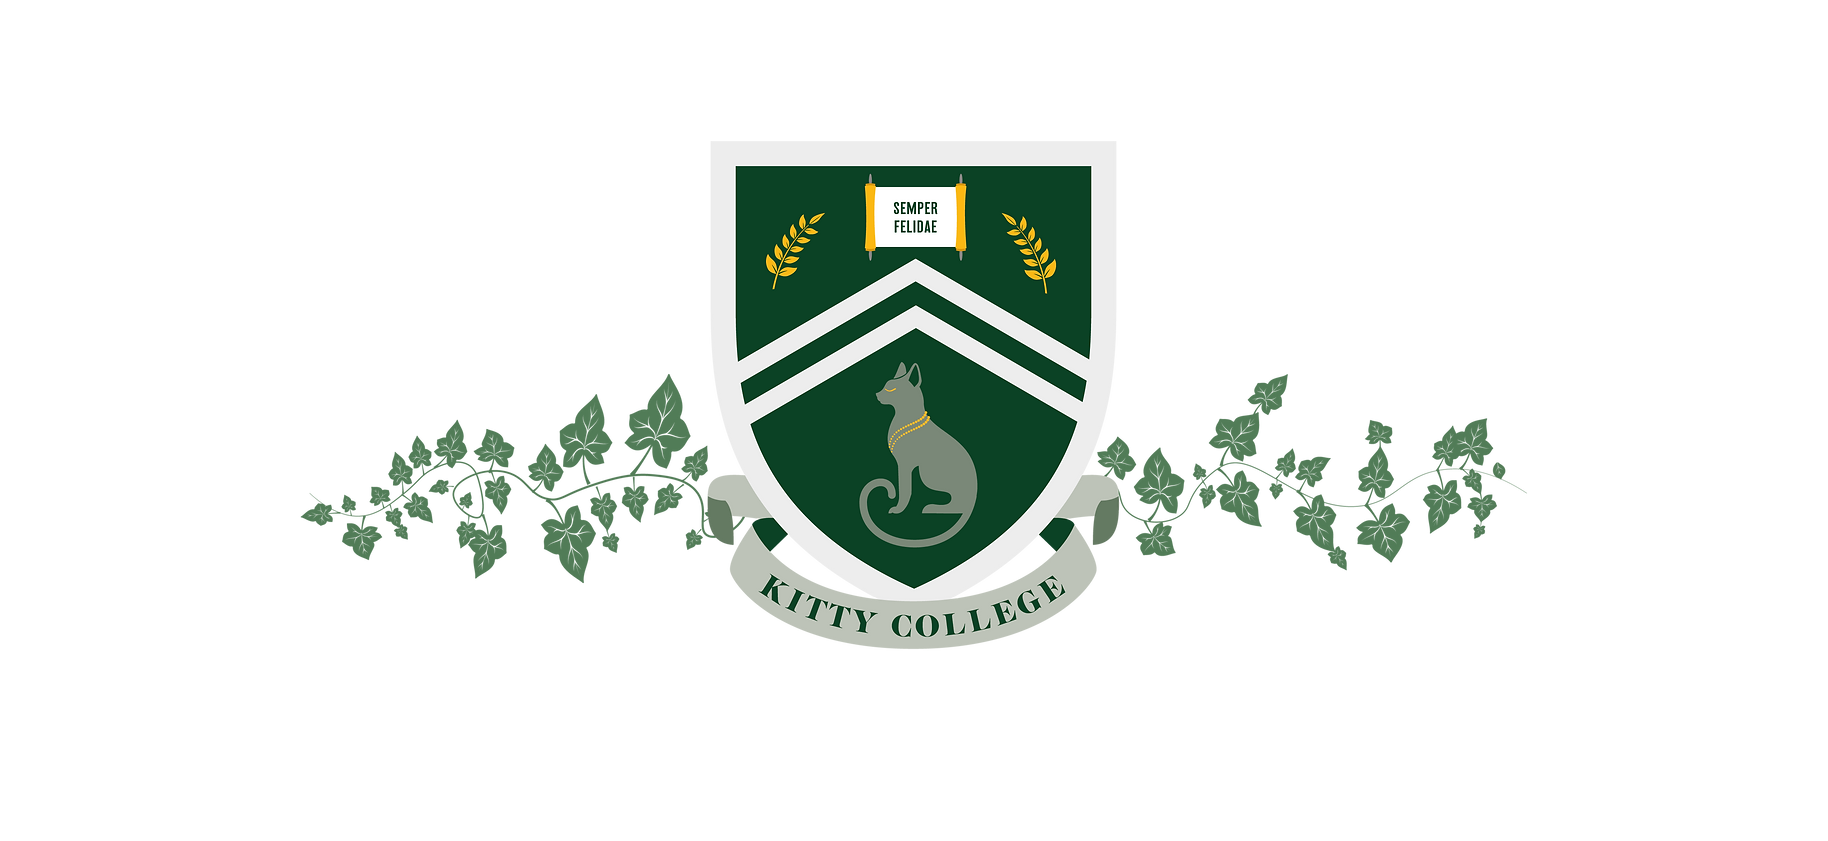 Kitty College Crest